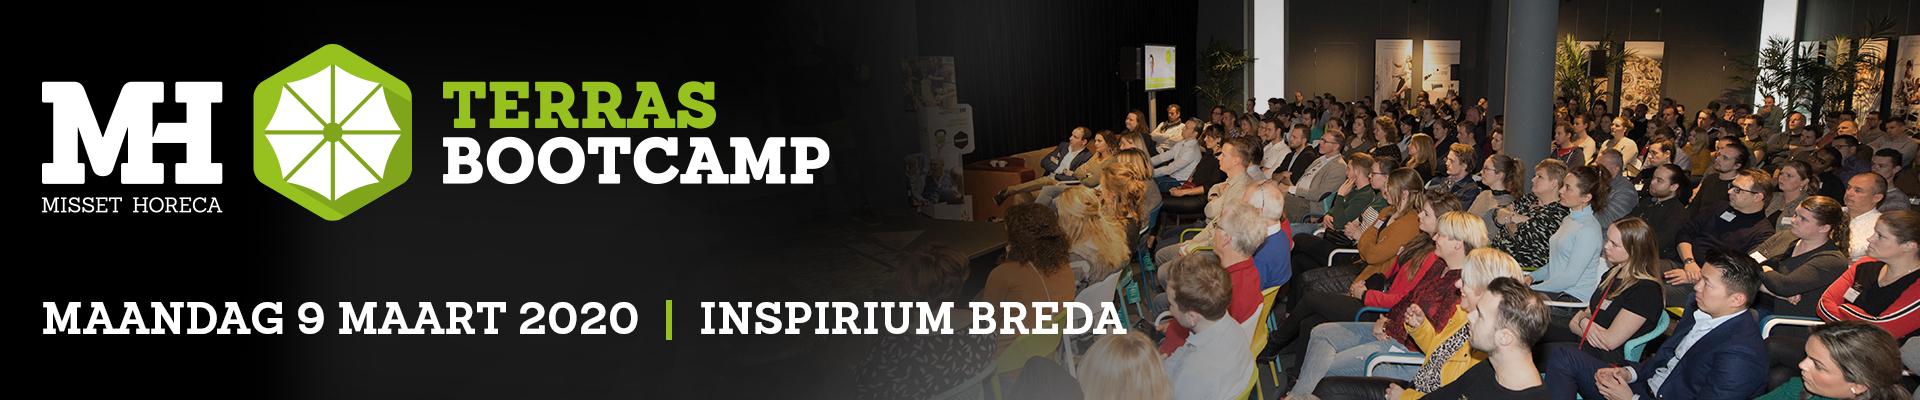 Misset Horeca Terras Bootcamp 2020